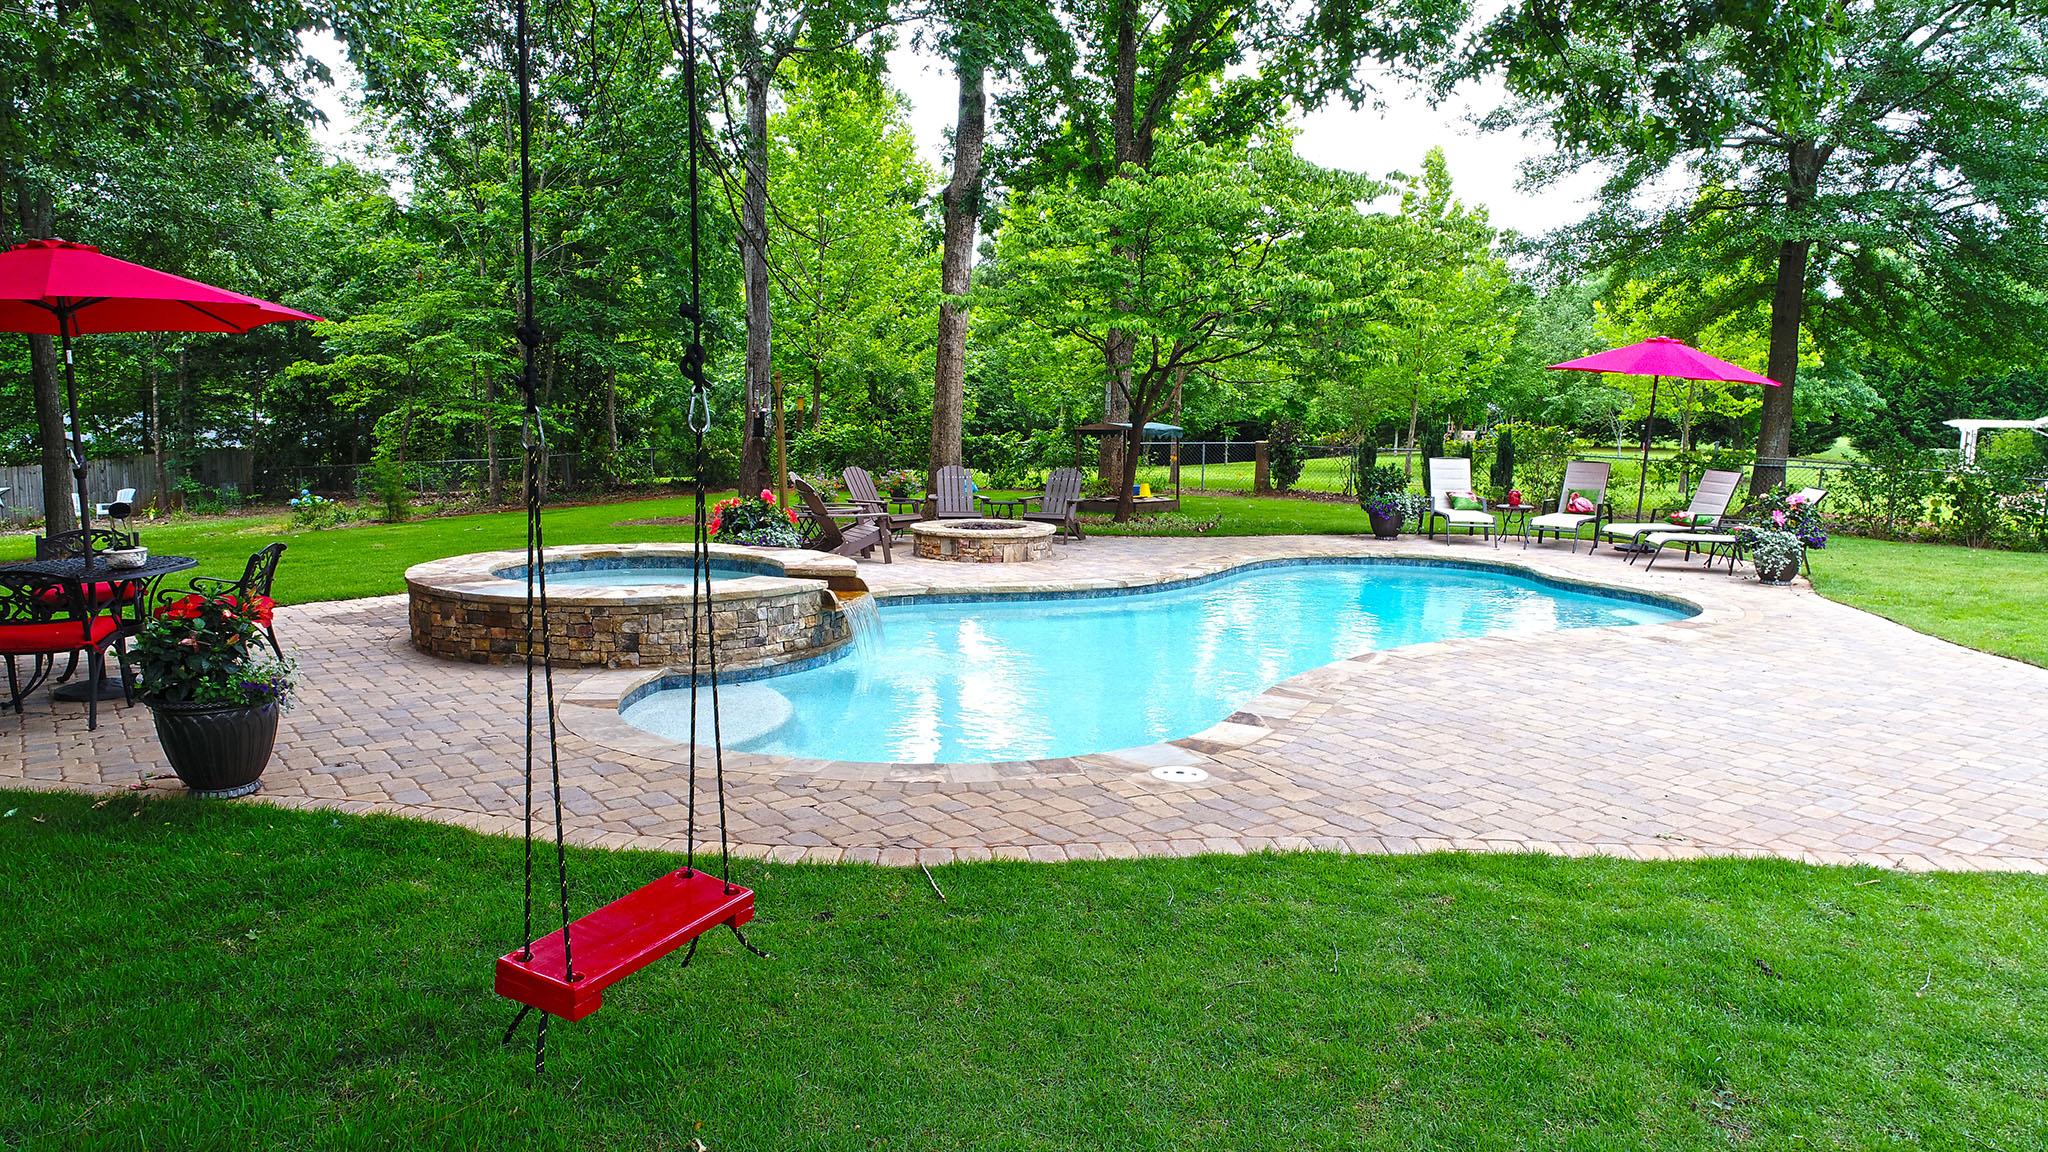 Freeform Pools